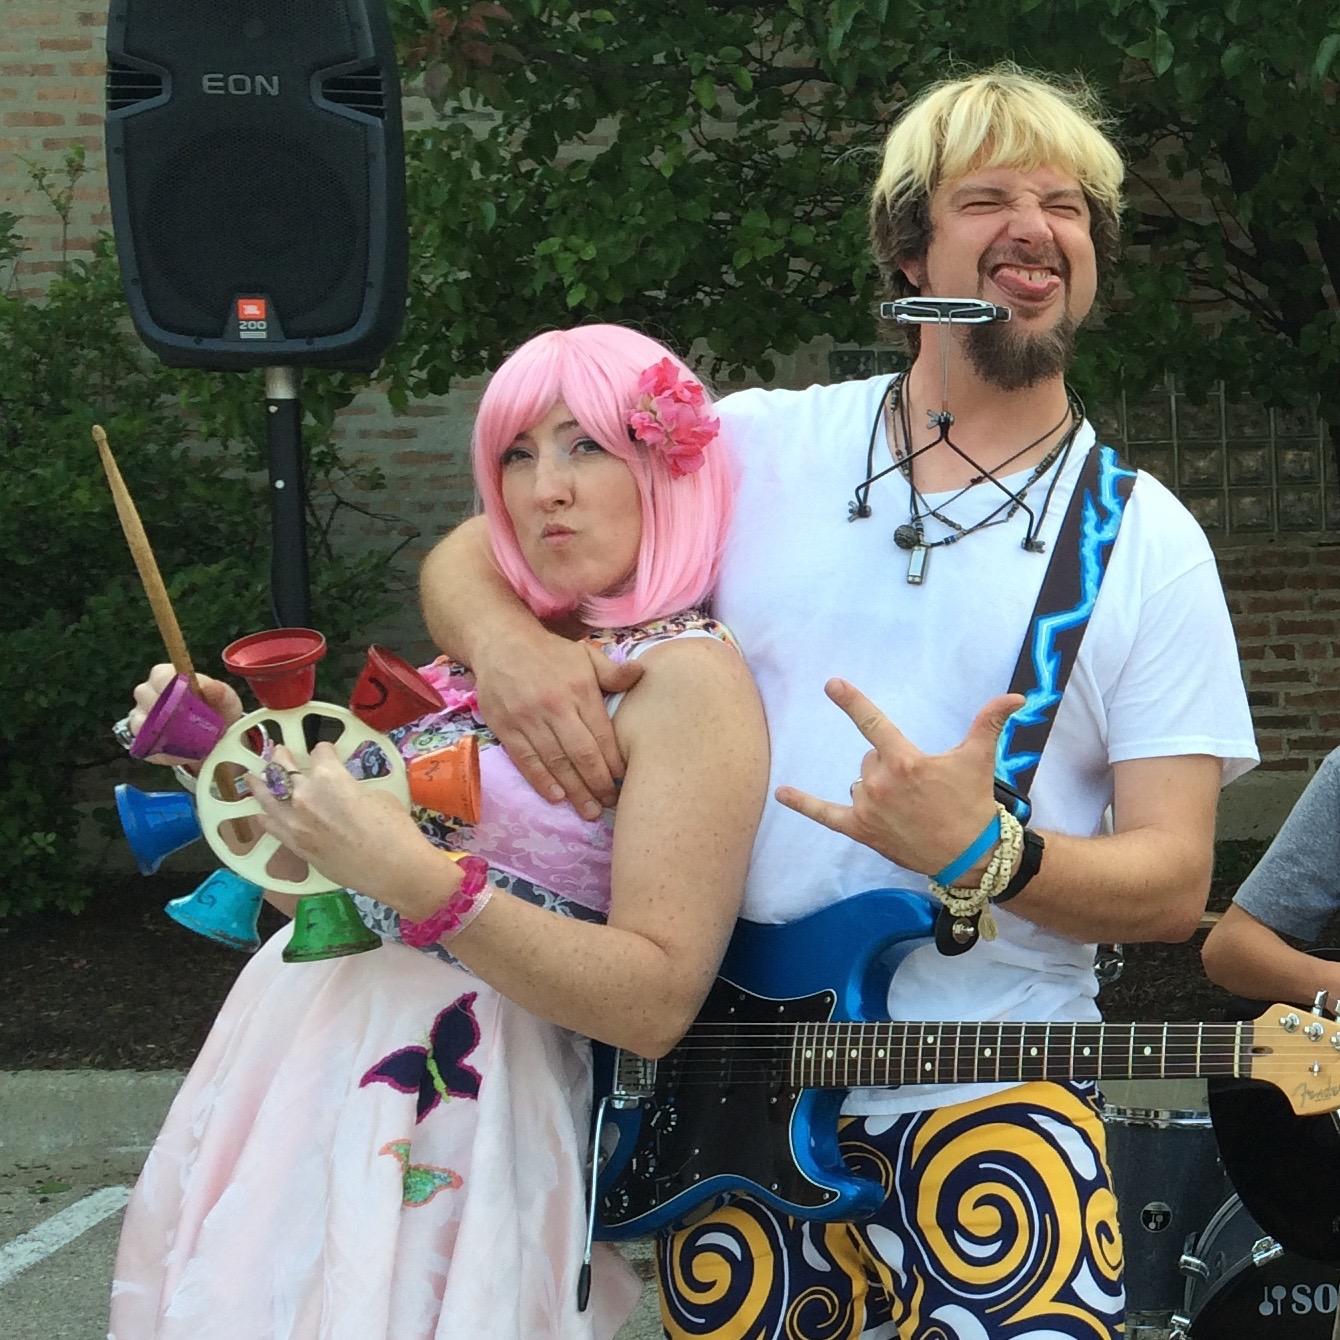 Rocking the Summer. Evanston, IL 2015